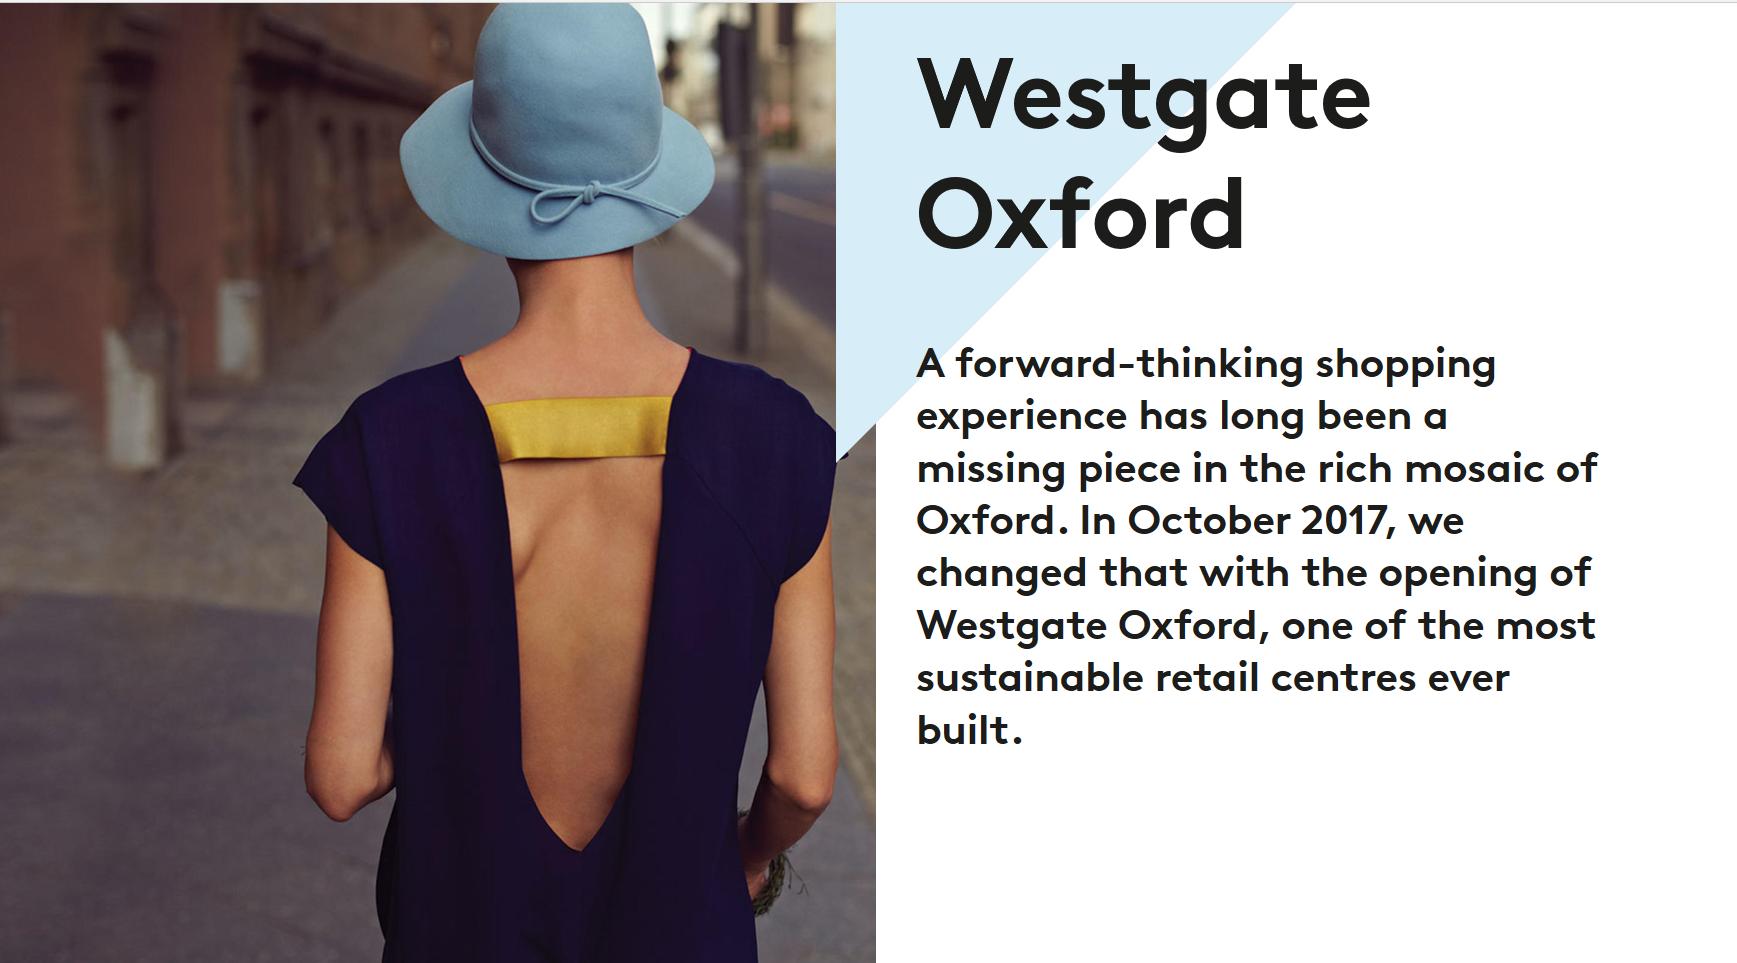 Landsec Property - Westgate Oxford